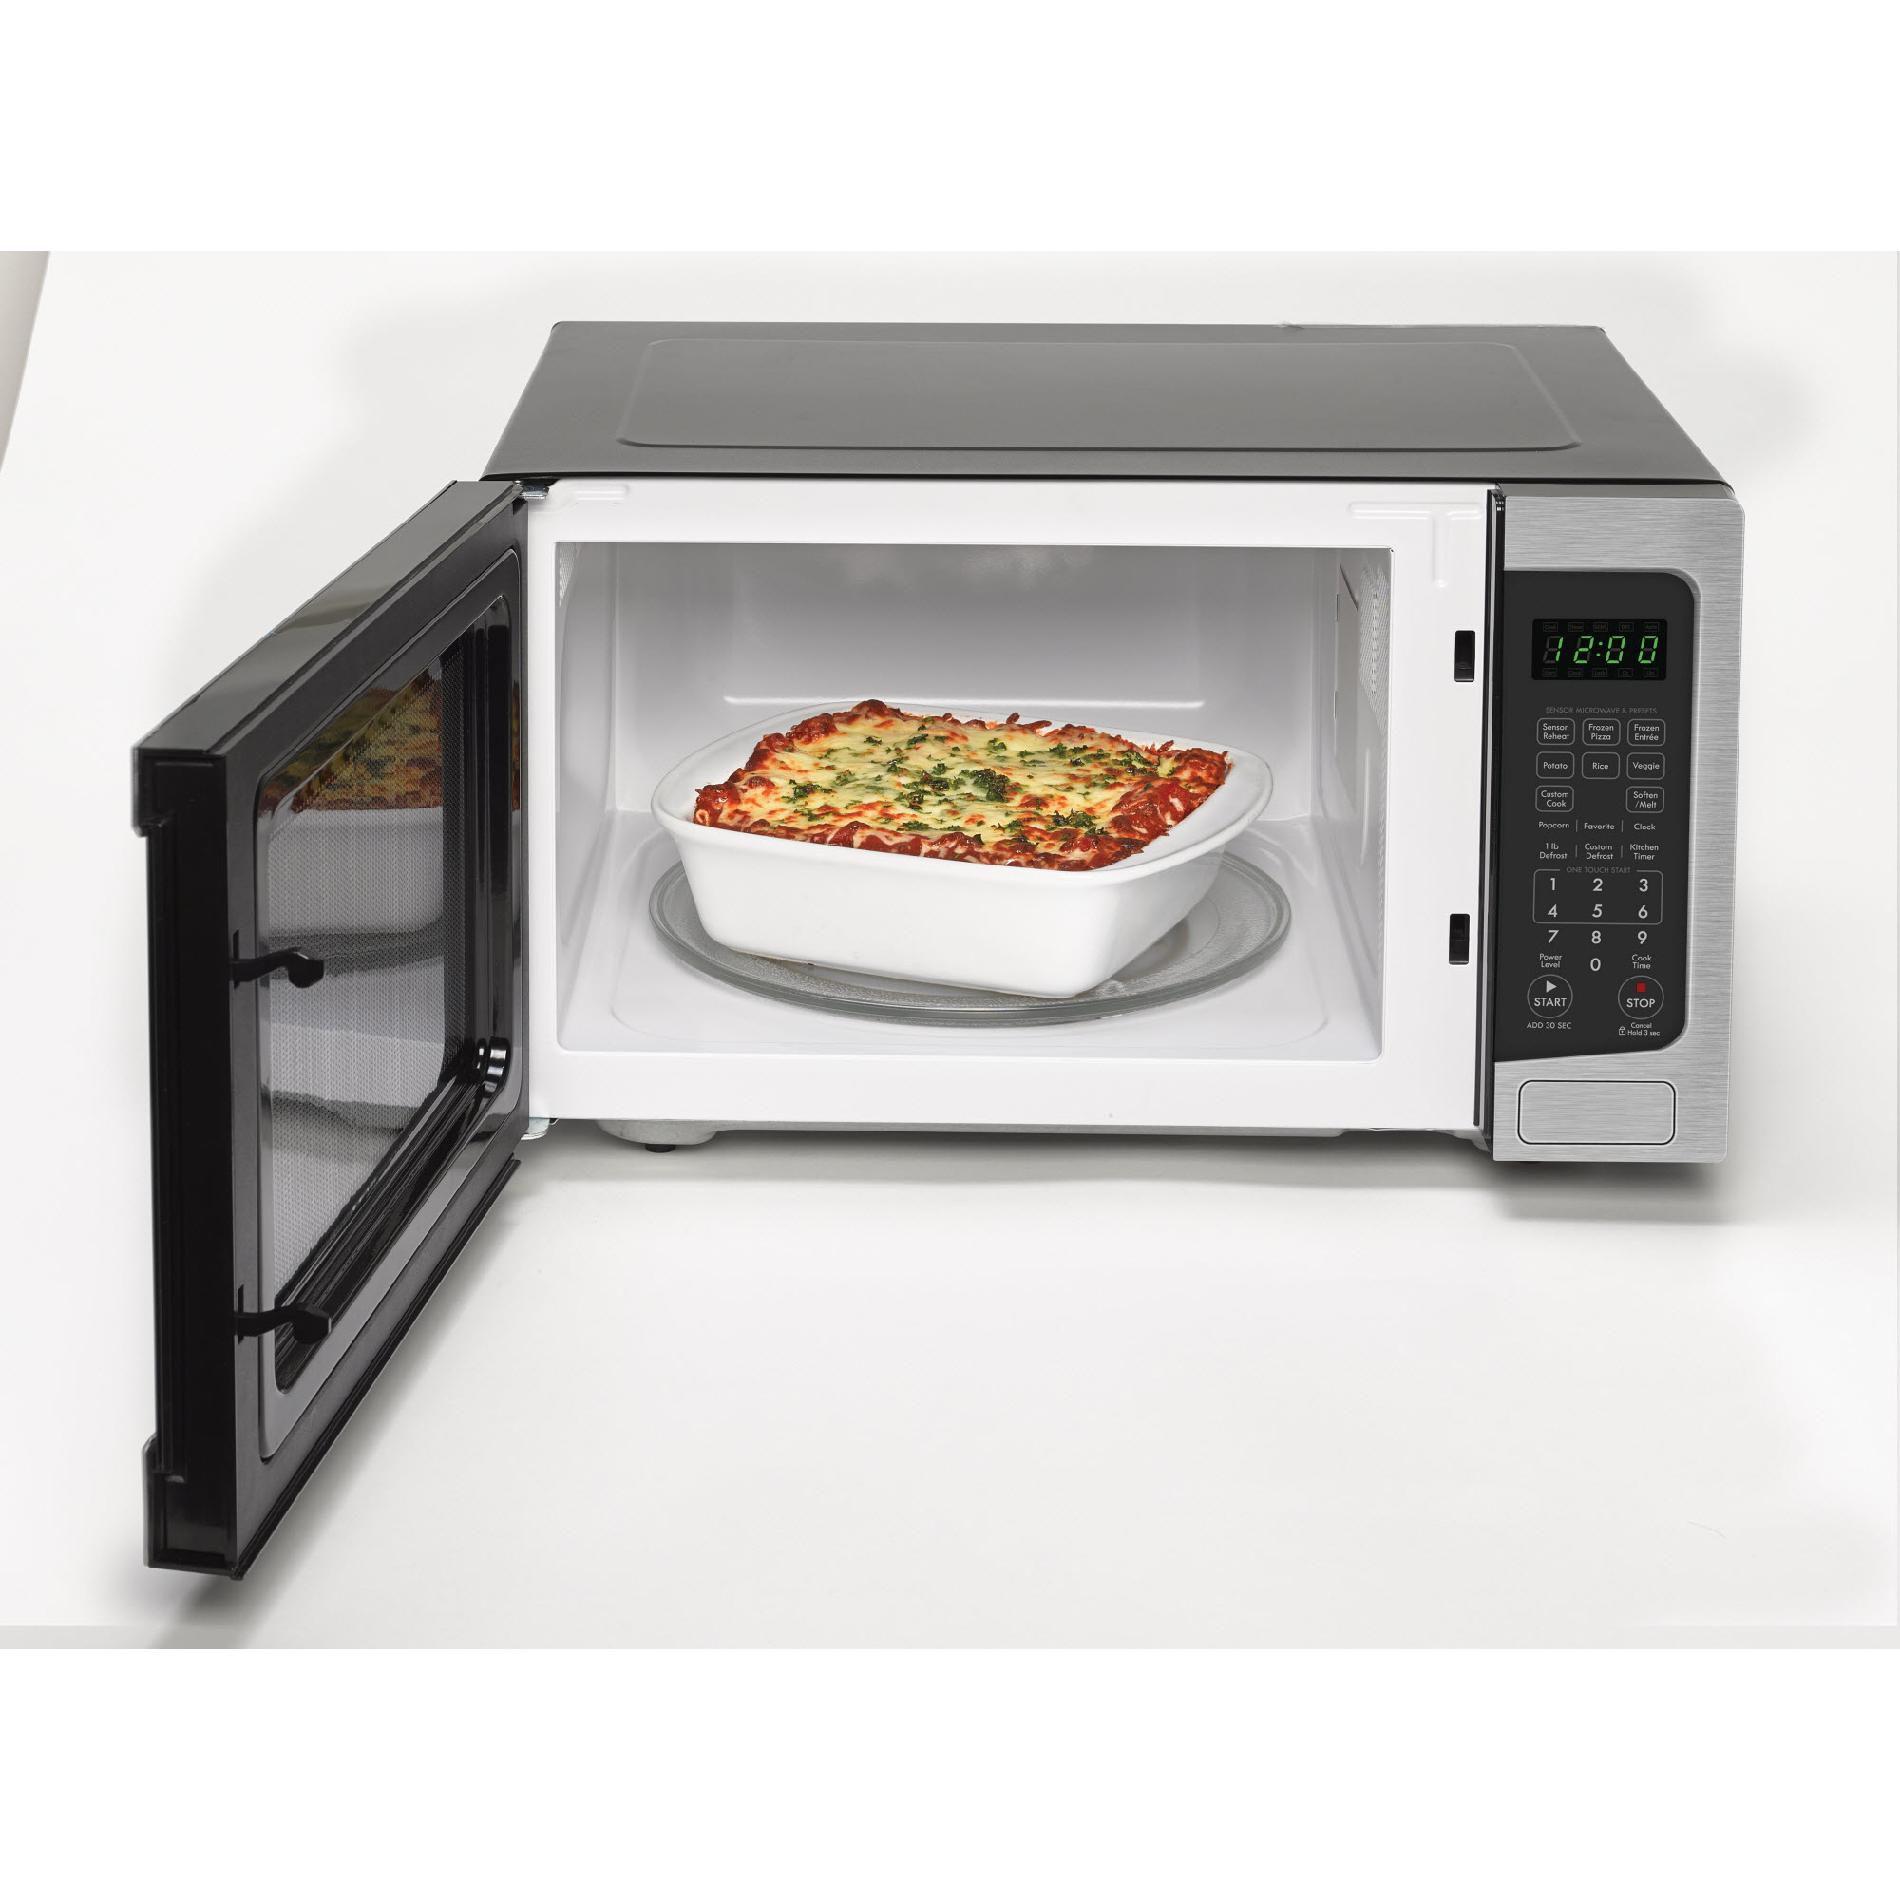 Kenmore 73163 1.6 cu. ft. Countertop Microwave - Stainless Steel